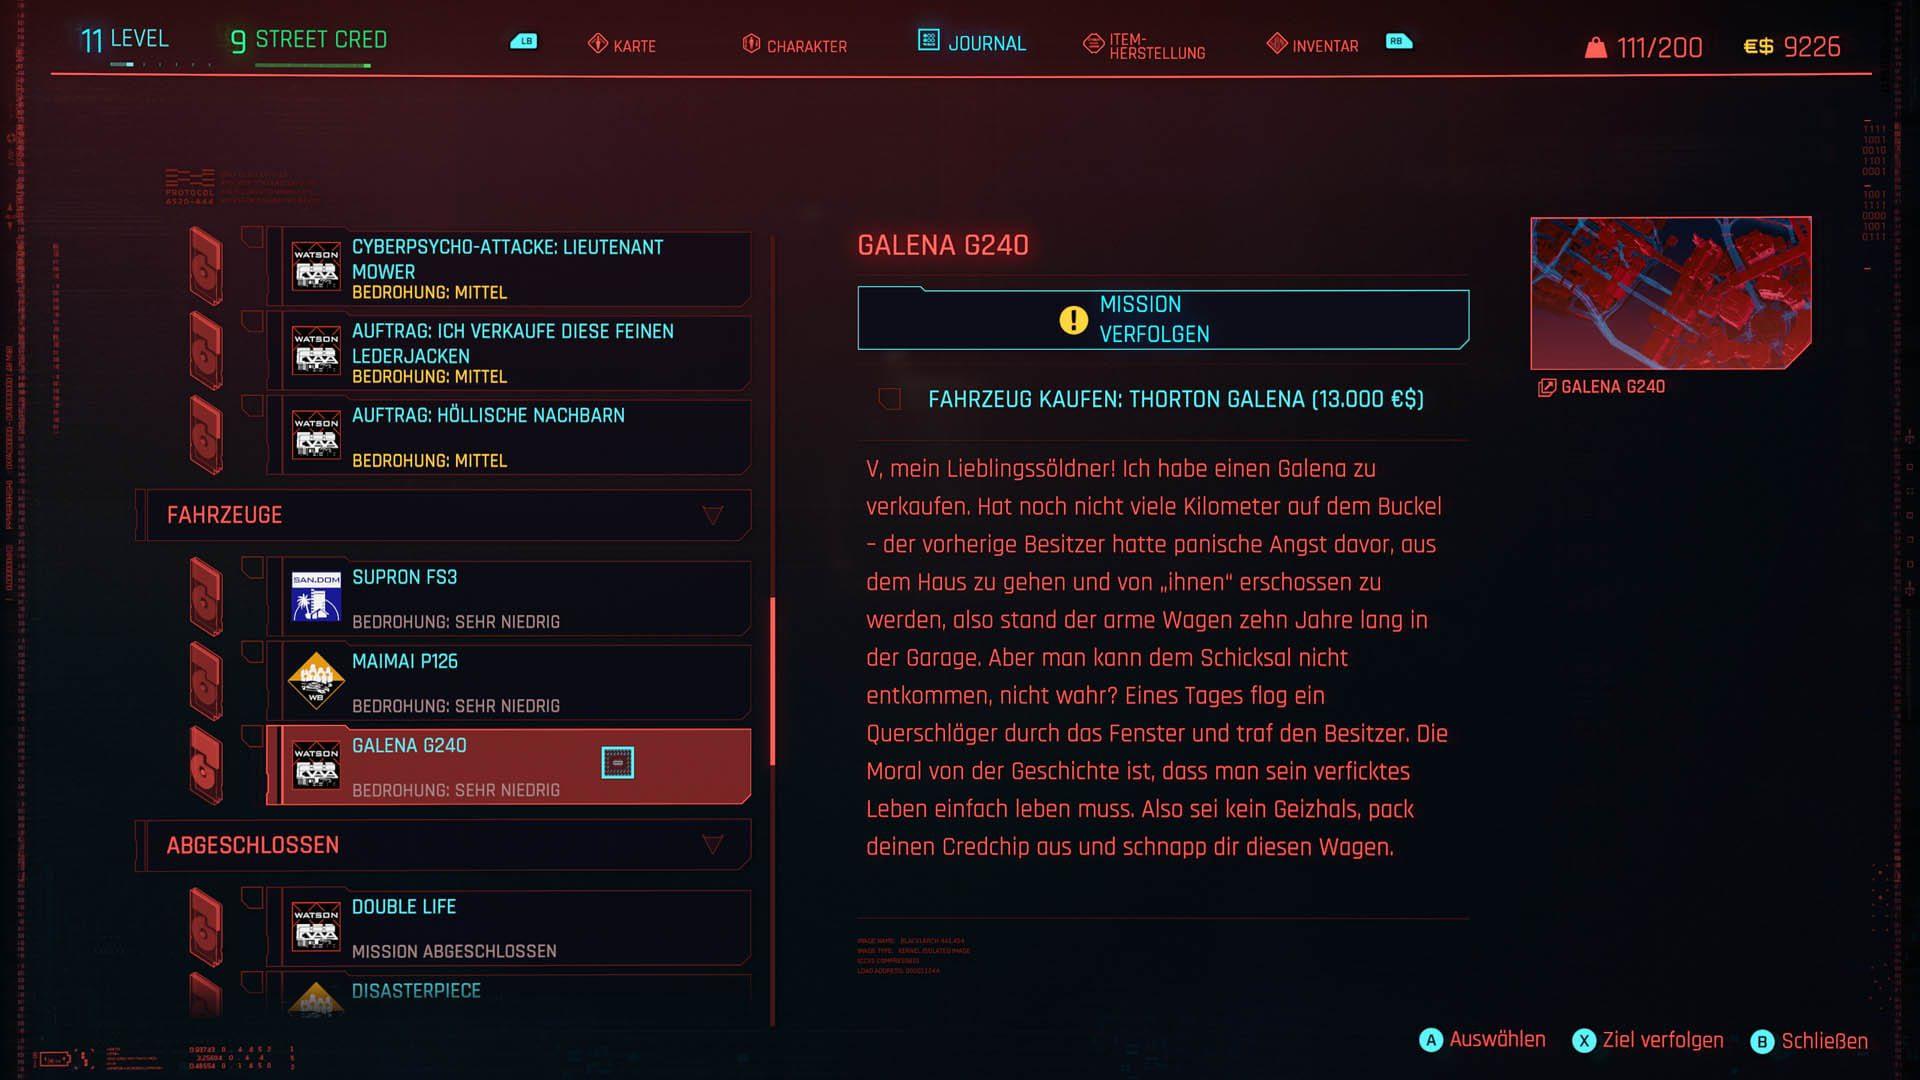 Cyberpunk 2077 - Autos kaufen und aktivieren - auswählen und verfolgen!